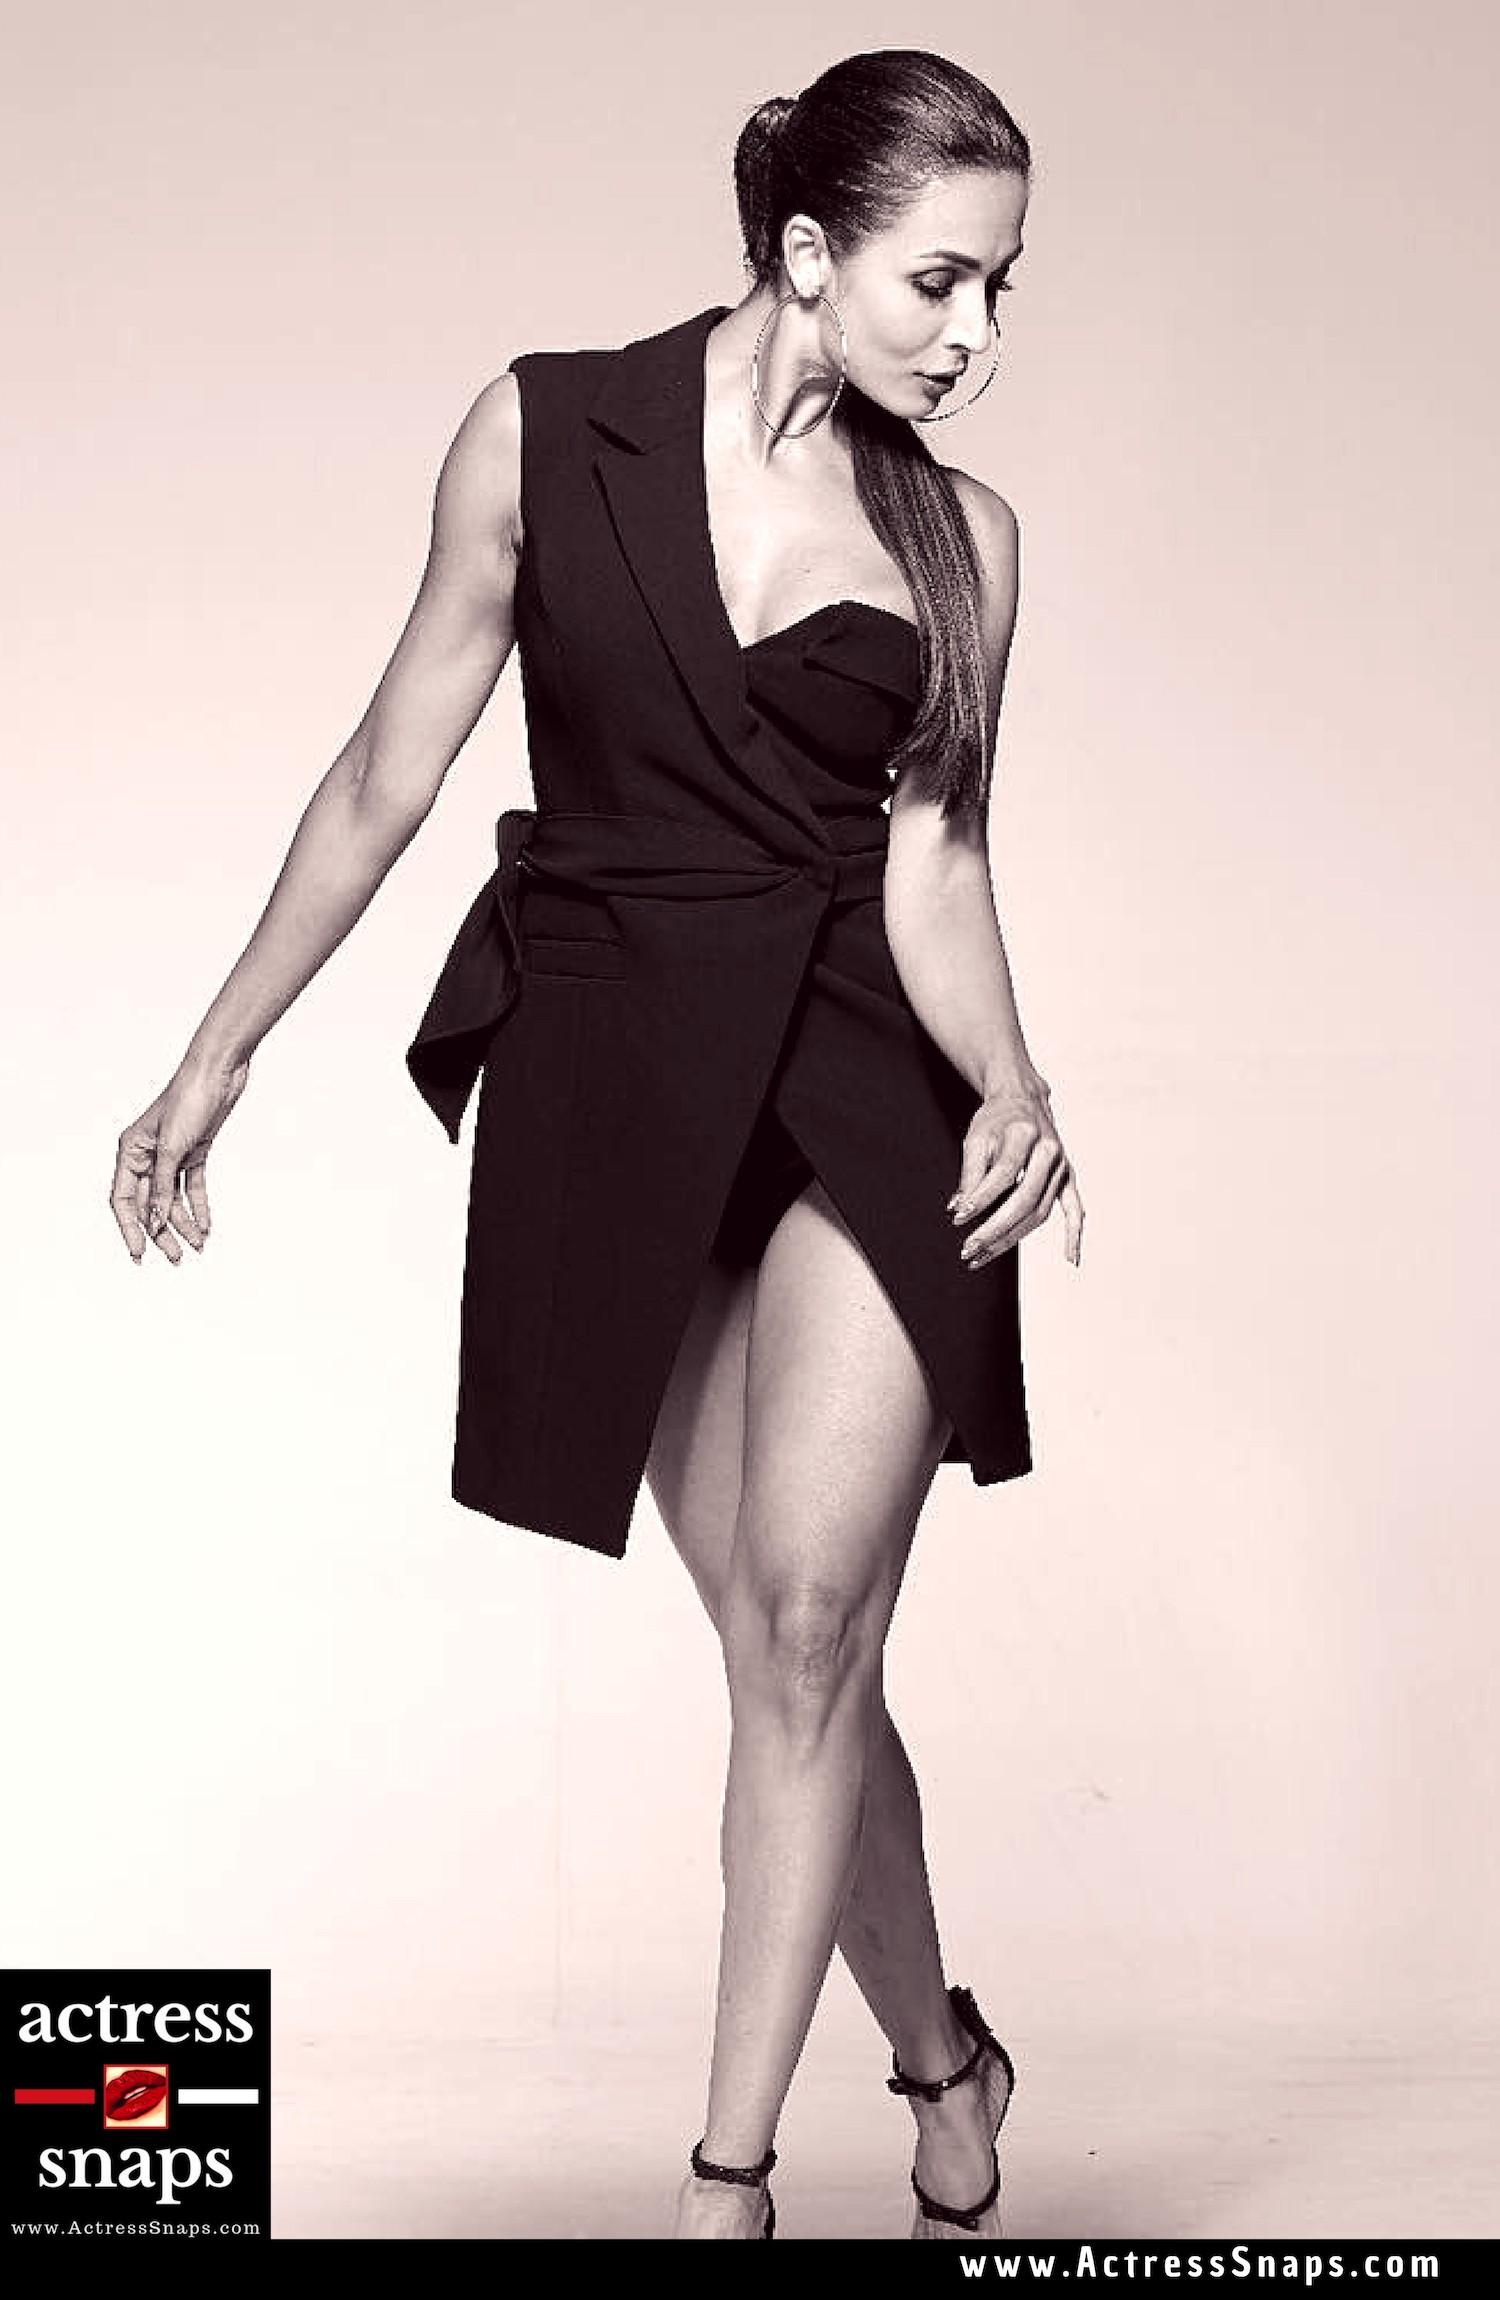 Malaika Arora Photos - Sexy Actress Pictures | Hot Actress Pictures - ActressSnaps.com